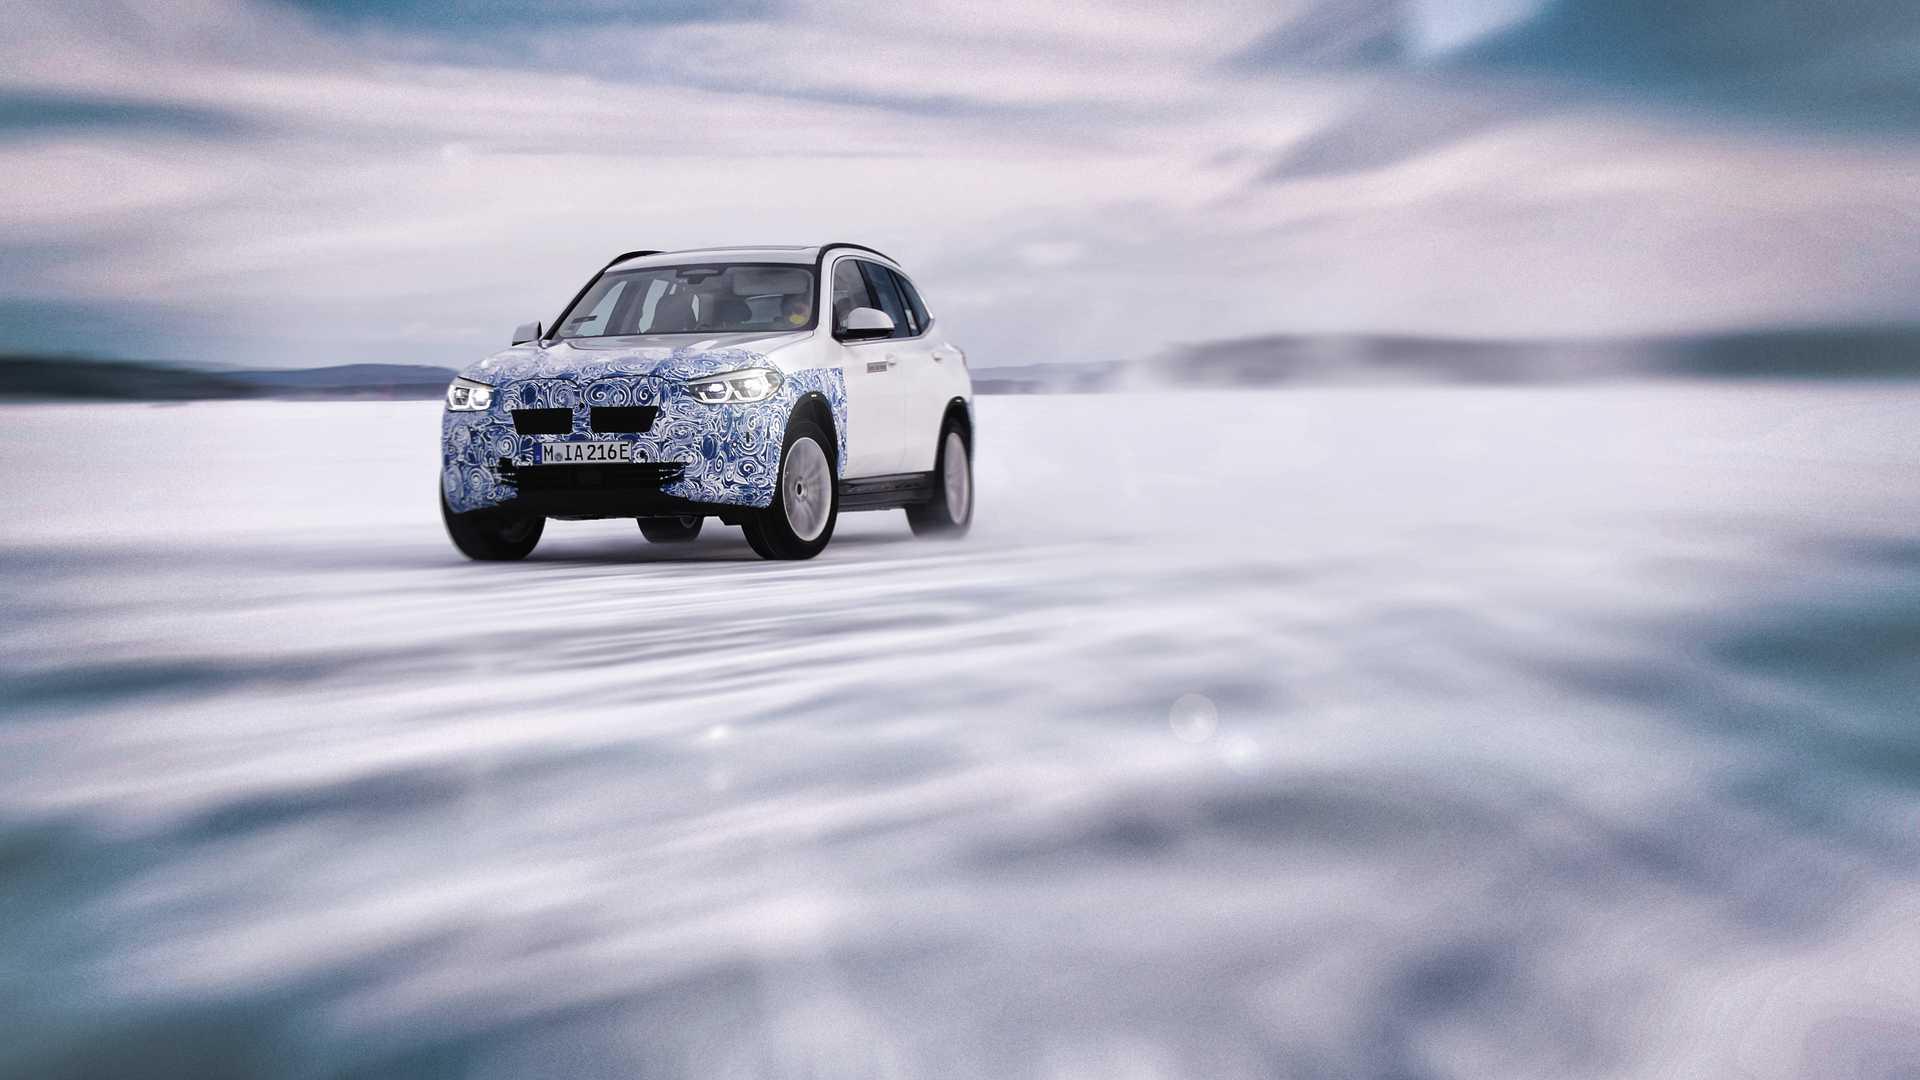 Баварцы приподняли завесу тайны – спецификация серийного BMW iX3 уже частично раскрыта